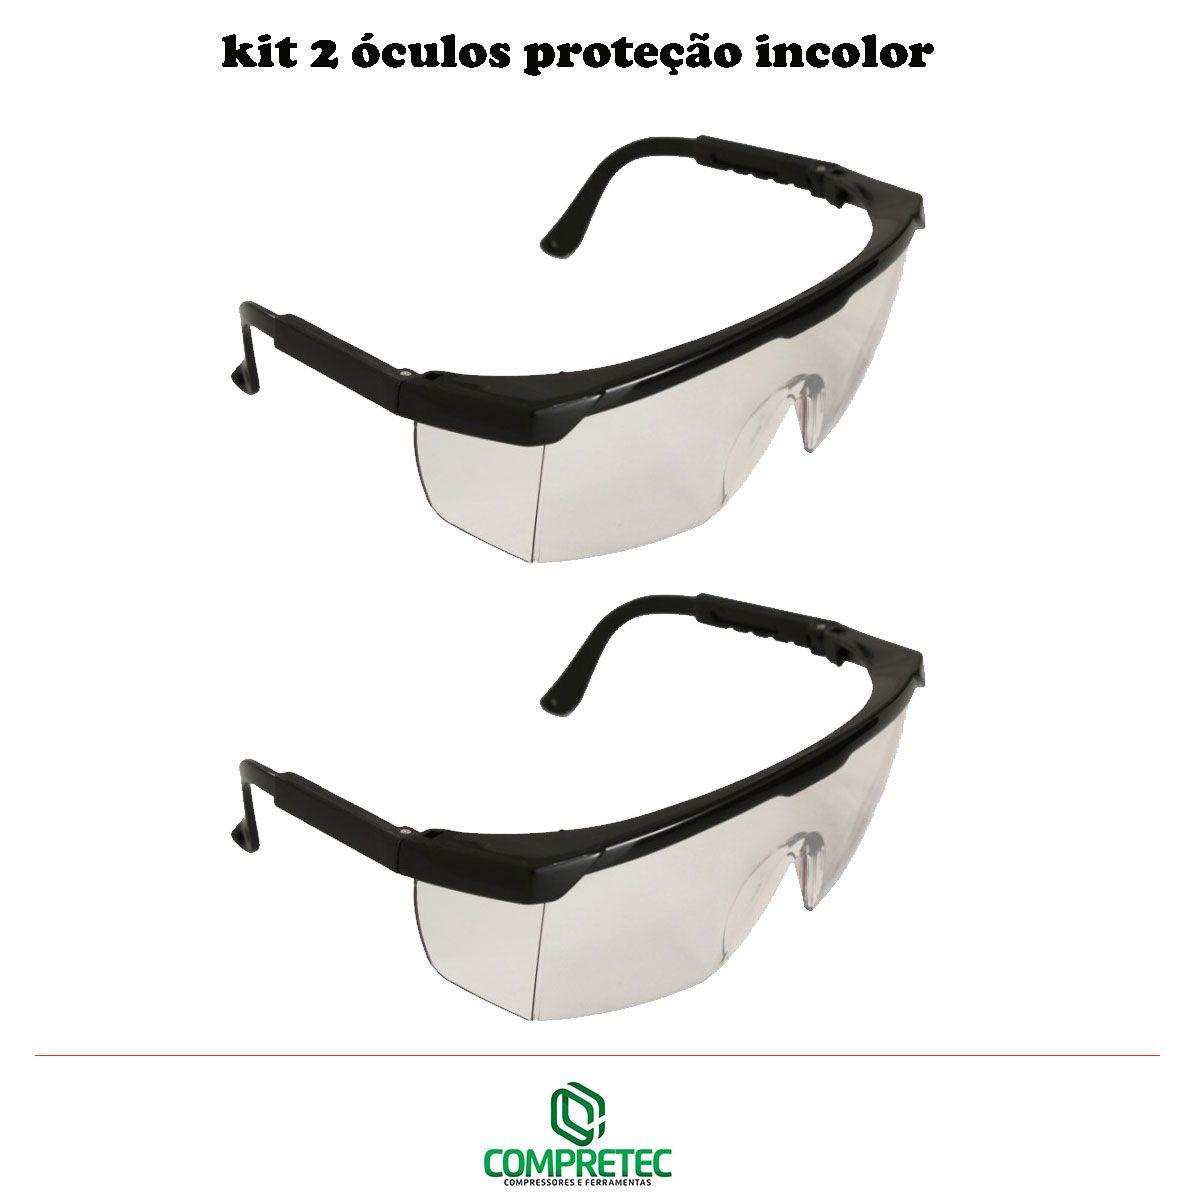 Kit 2 Óculos De Proteção Incolor Transparente Segurança Epi